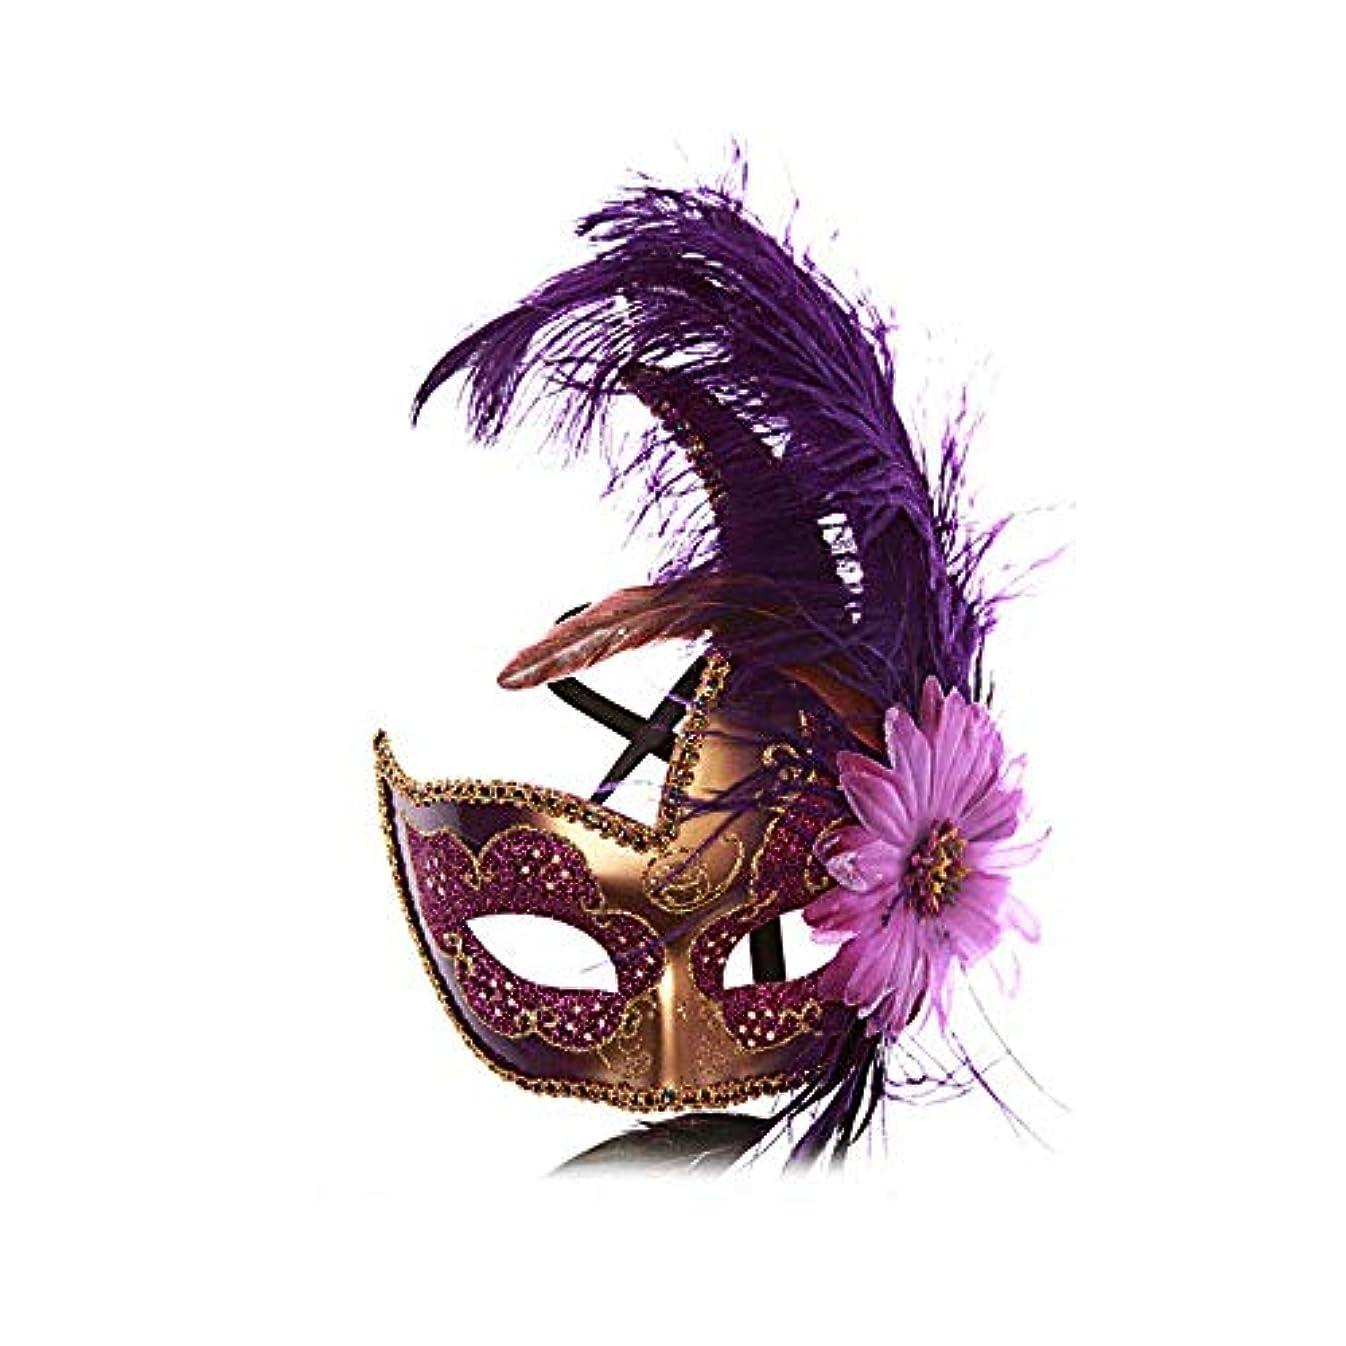 パースブラックボロウアウター神経衰弱Nanle ハロウィンマスクハーフフェザーマスクベニスプリンセスマスク美容レース仮面ライダーコスプレ (色 : Style B purple)